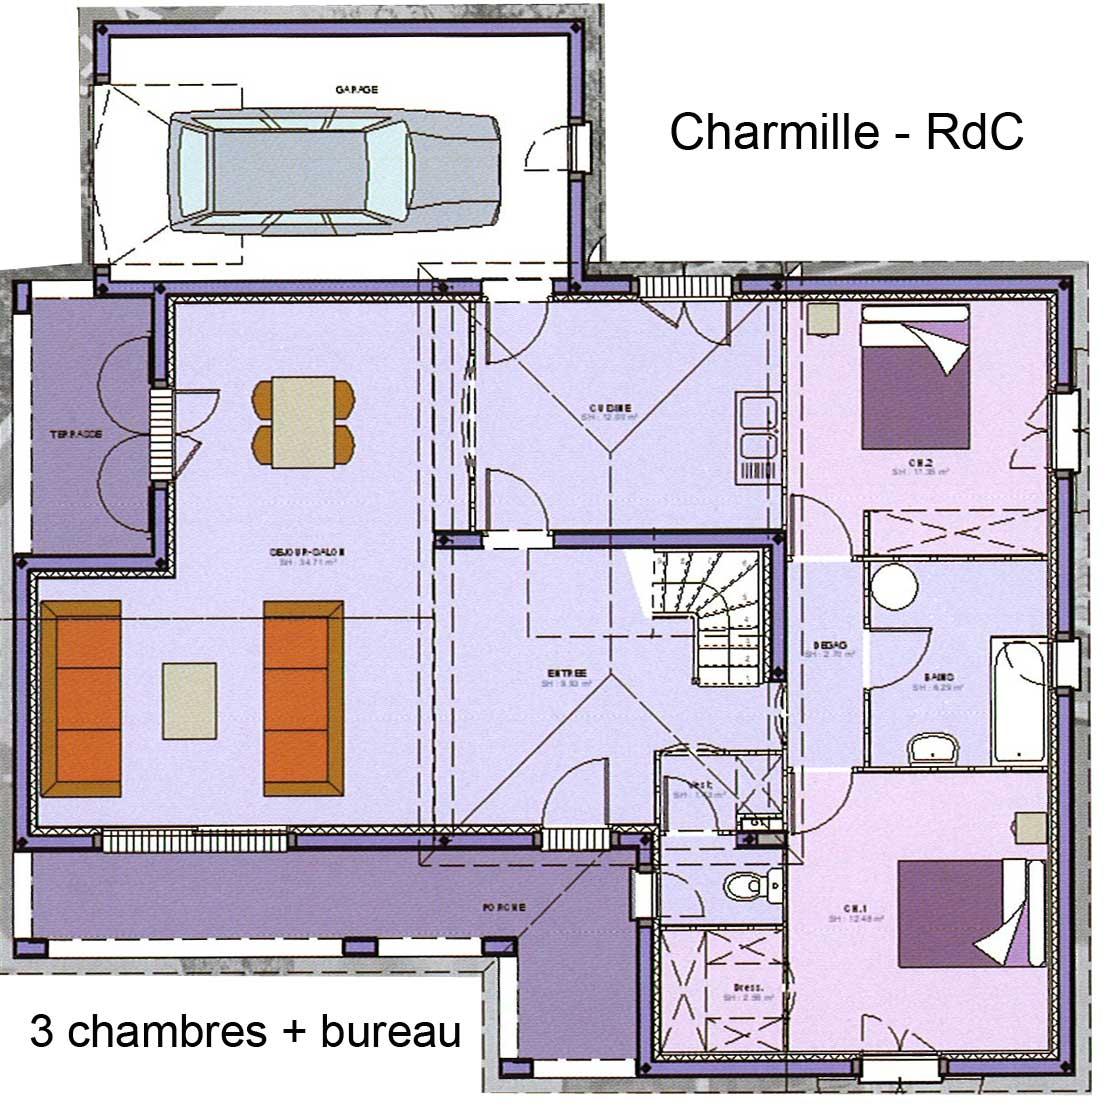 Maison avec étage avec grand salon-séjour, bureau, 3 chambres, garage, terrasse